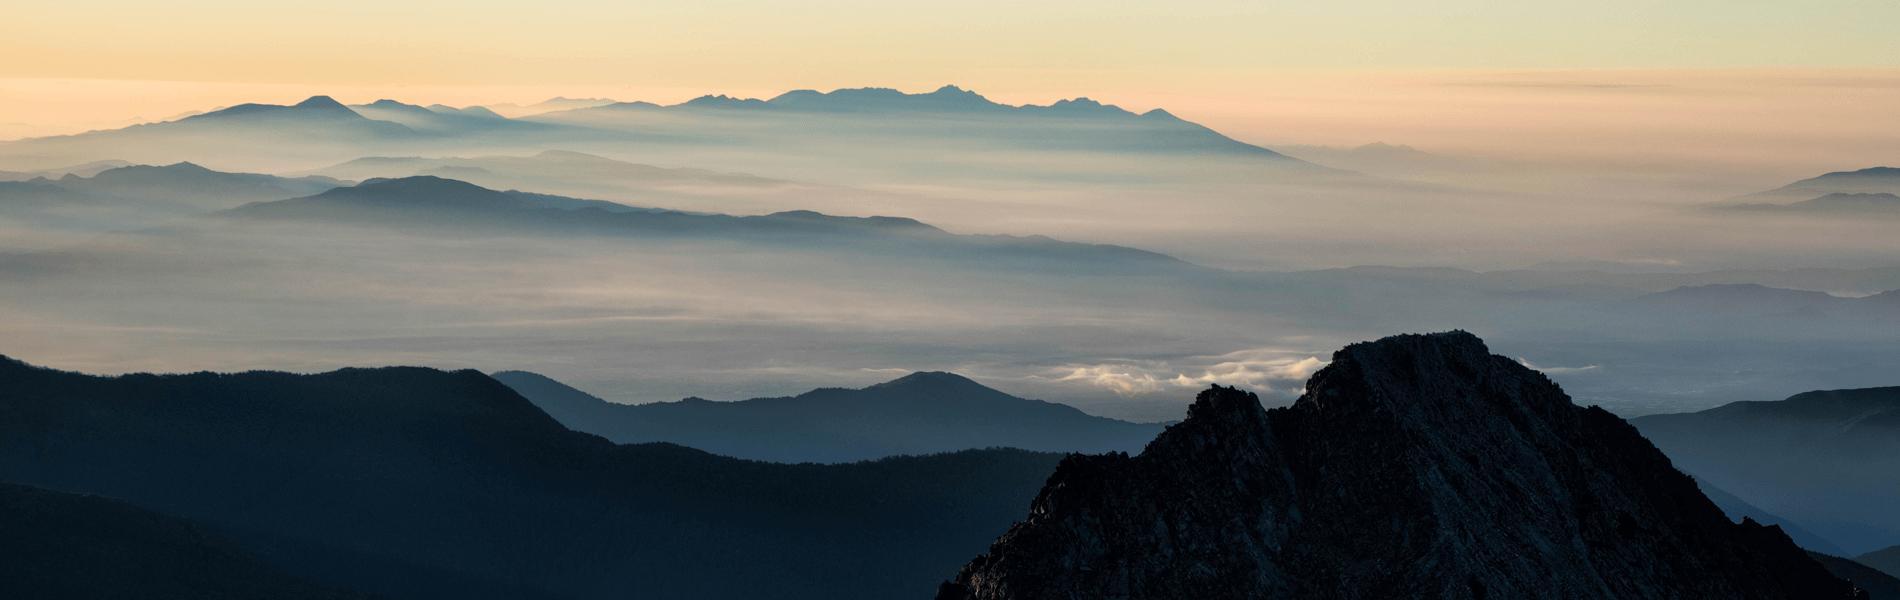 山梨県山岳連盟は、個人会員を募集しています。